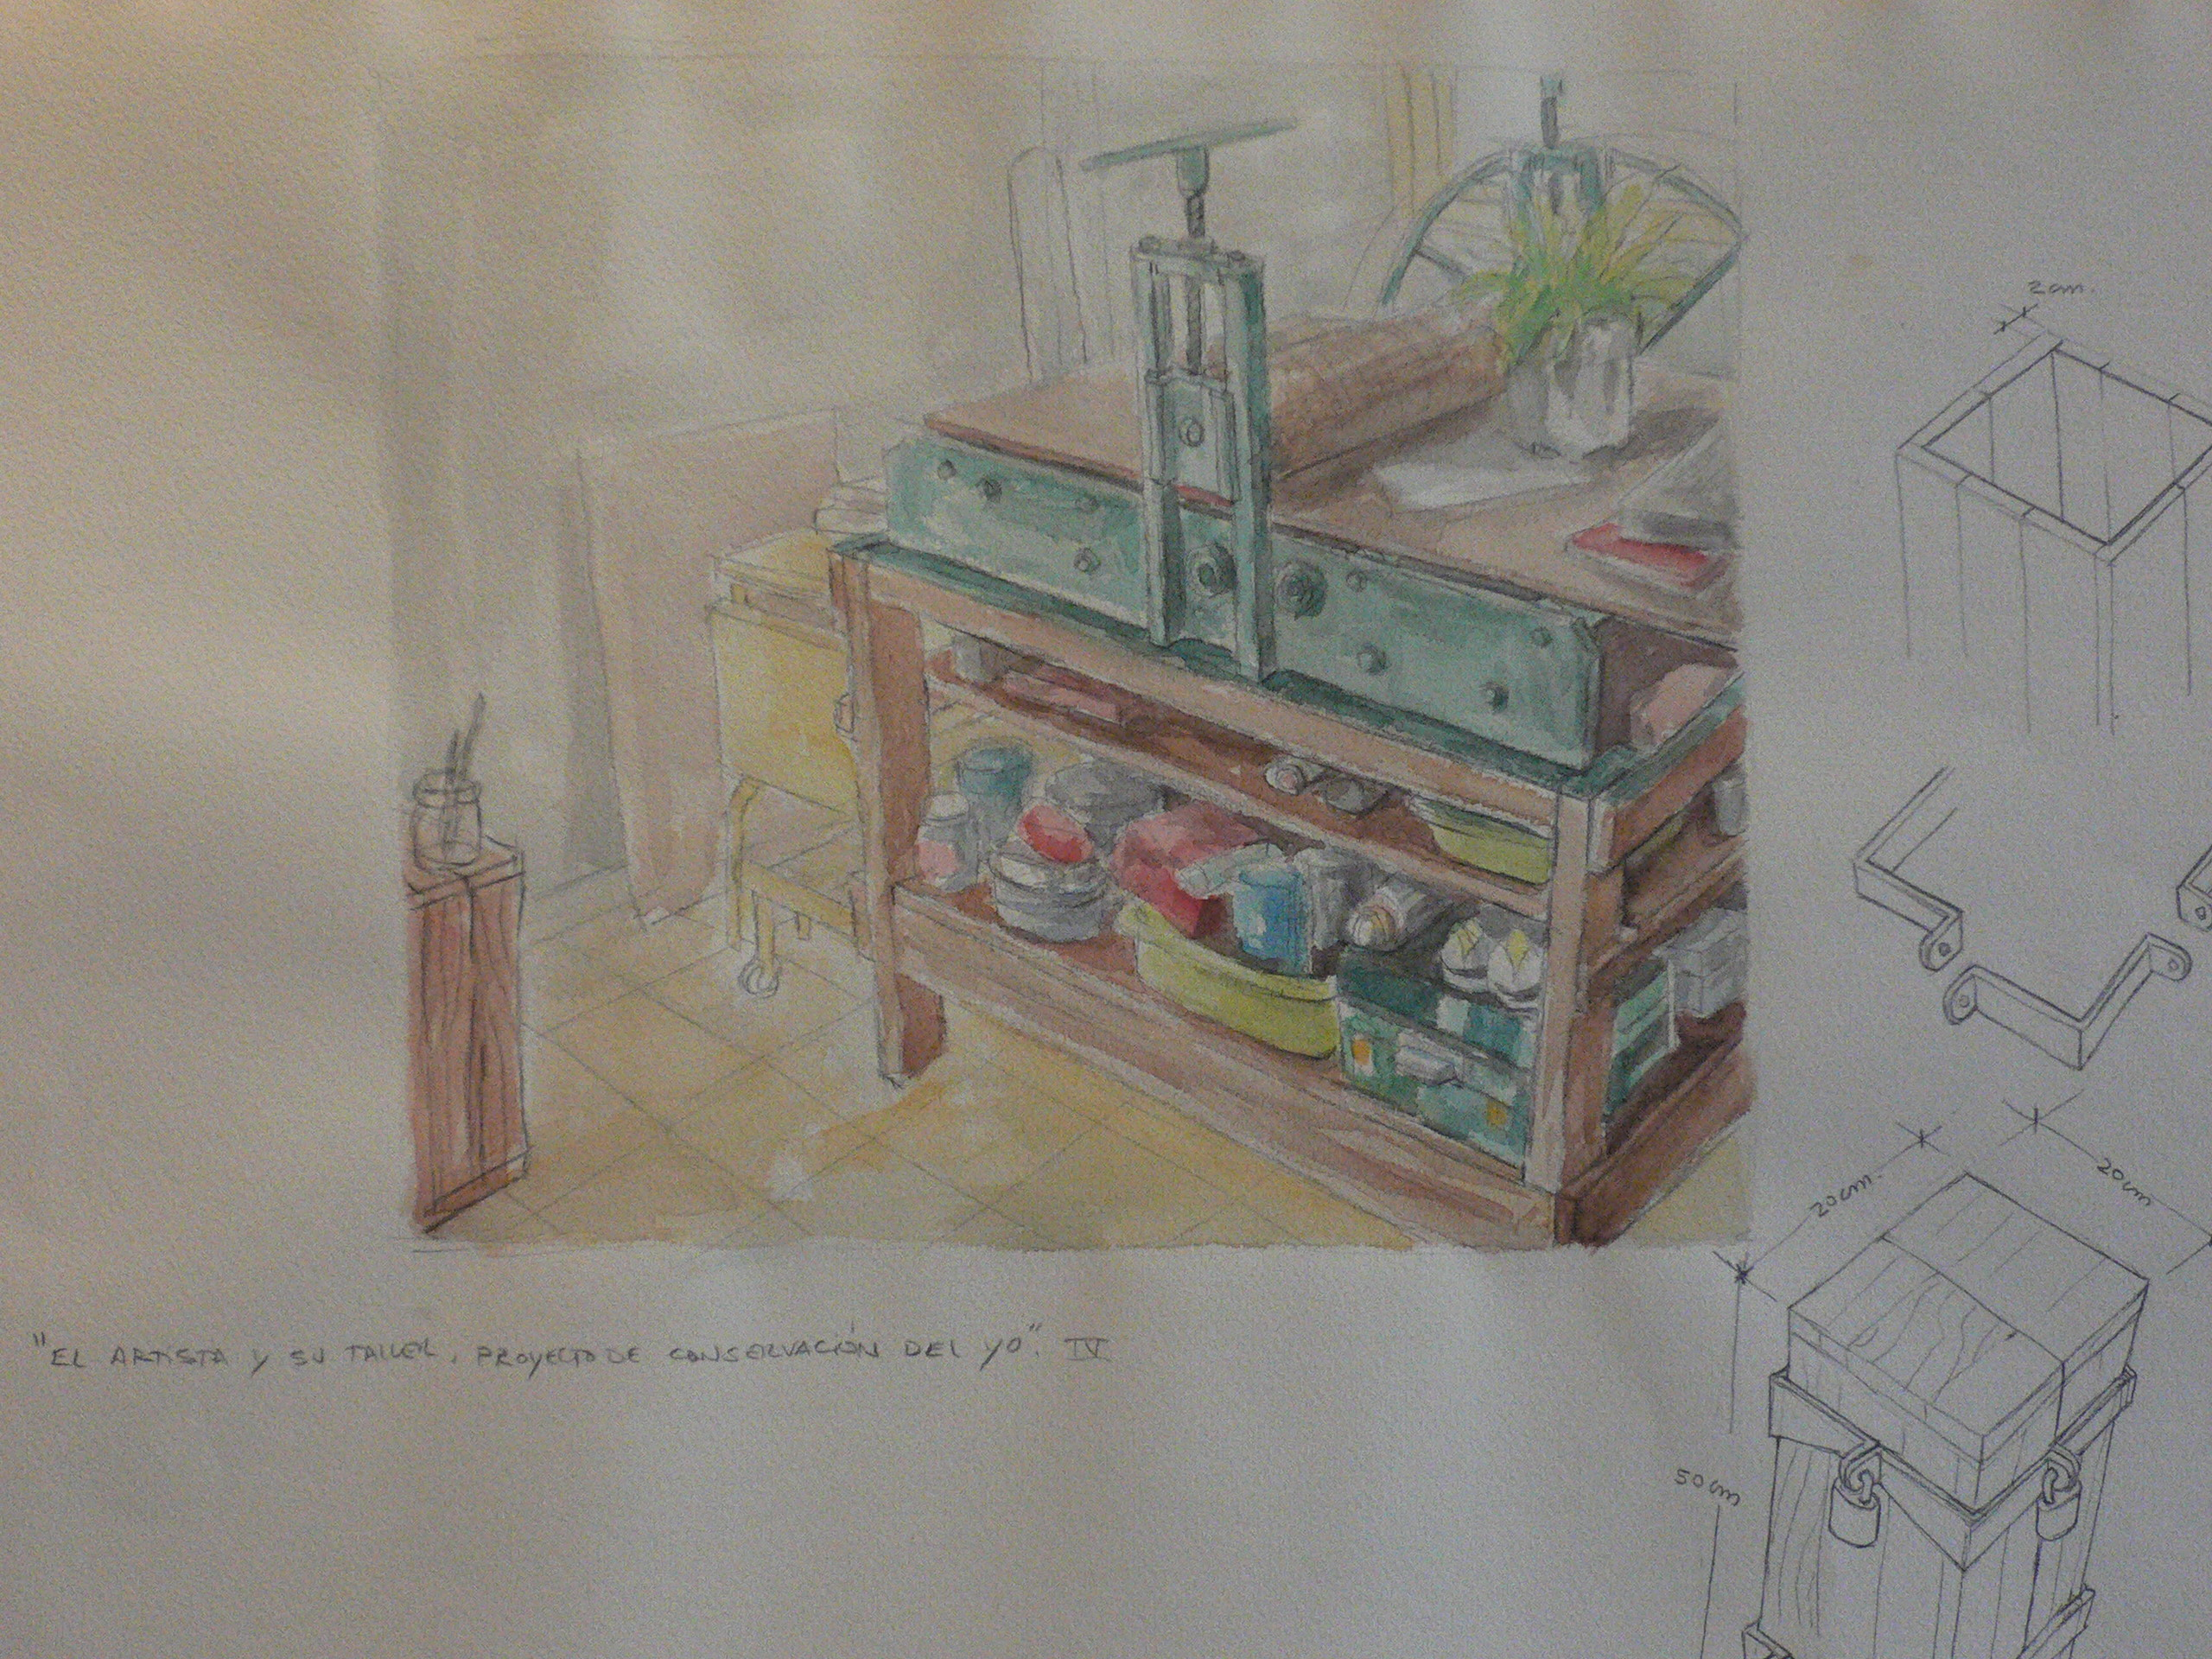 El artista y su taller